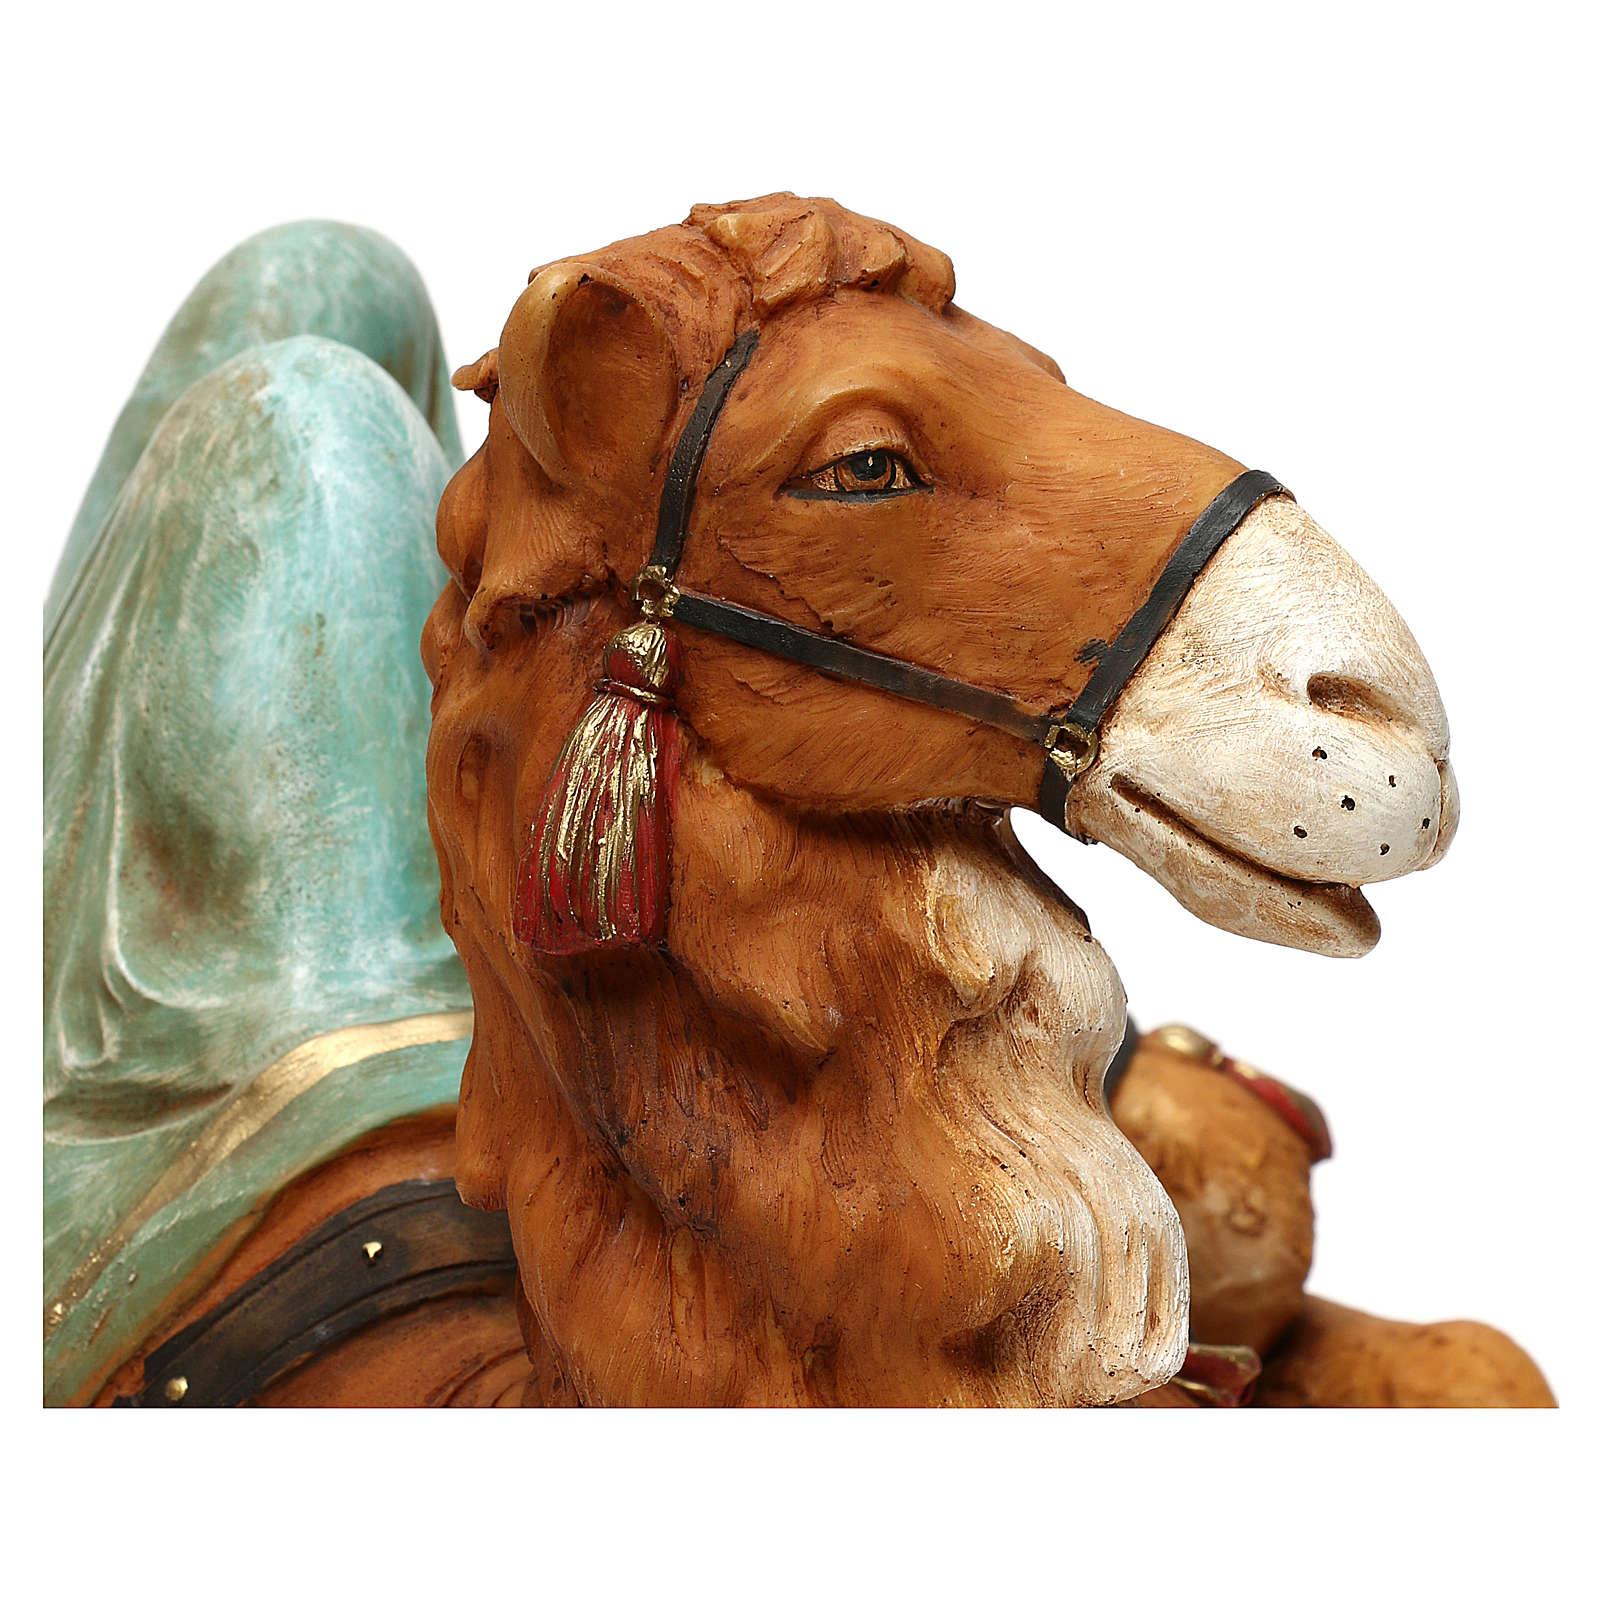 STOCK Wielbłąd siedzący do szopki 52 cm z żywicy Fontanini 4